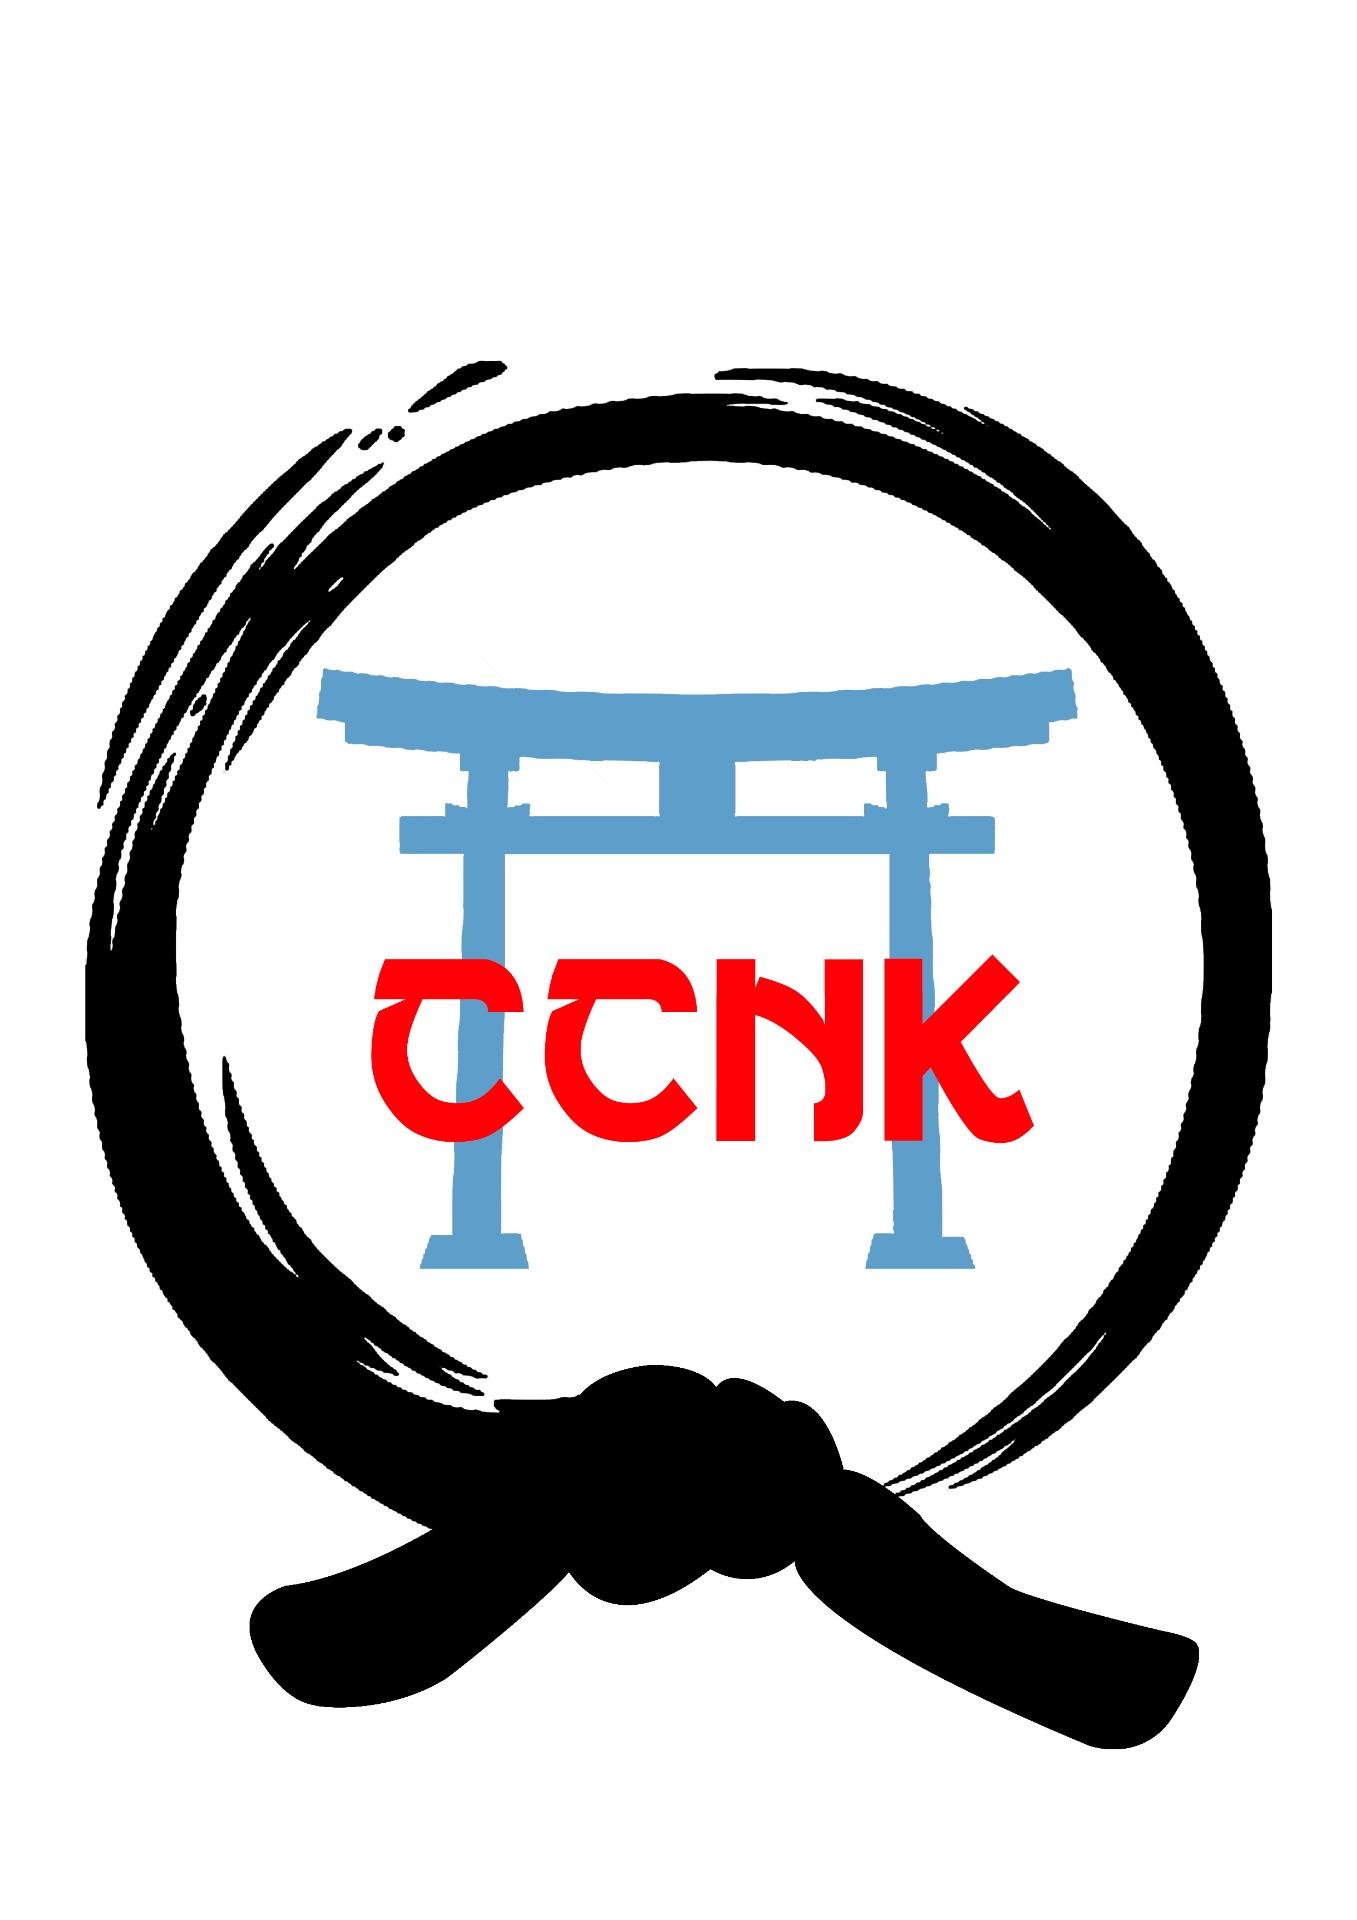 Collecte de jouet CCNK